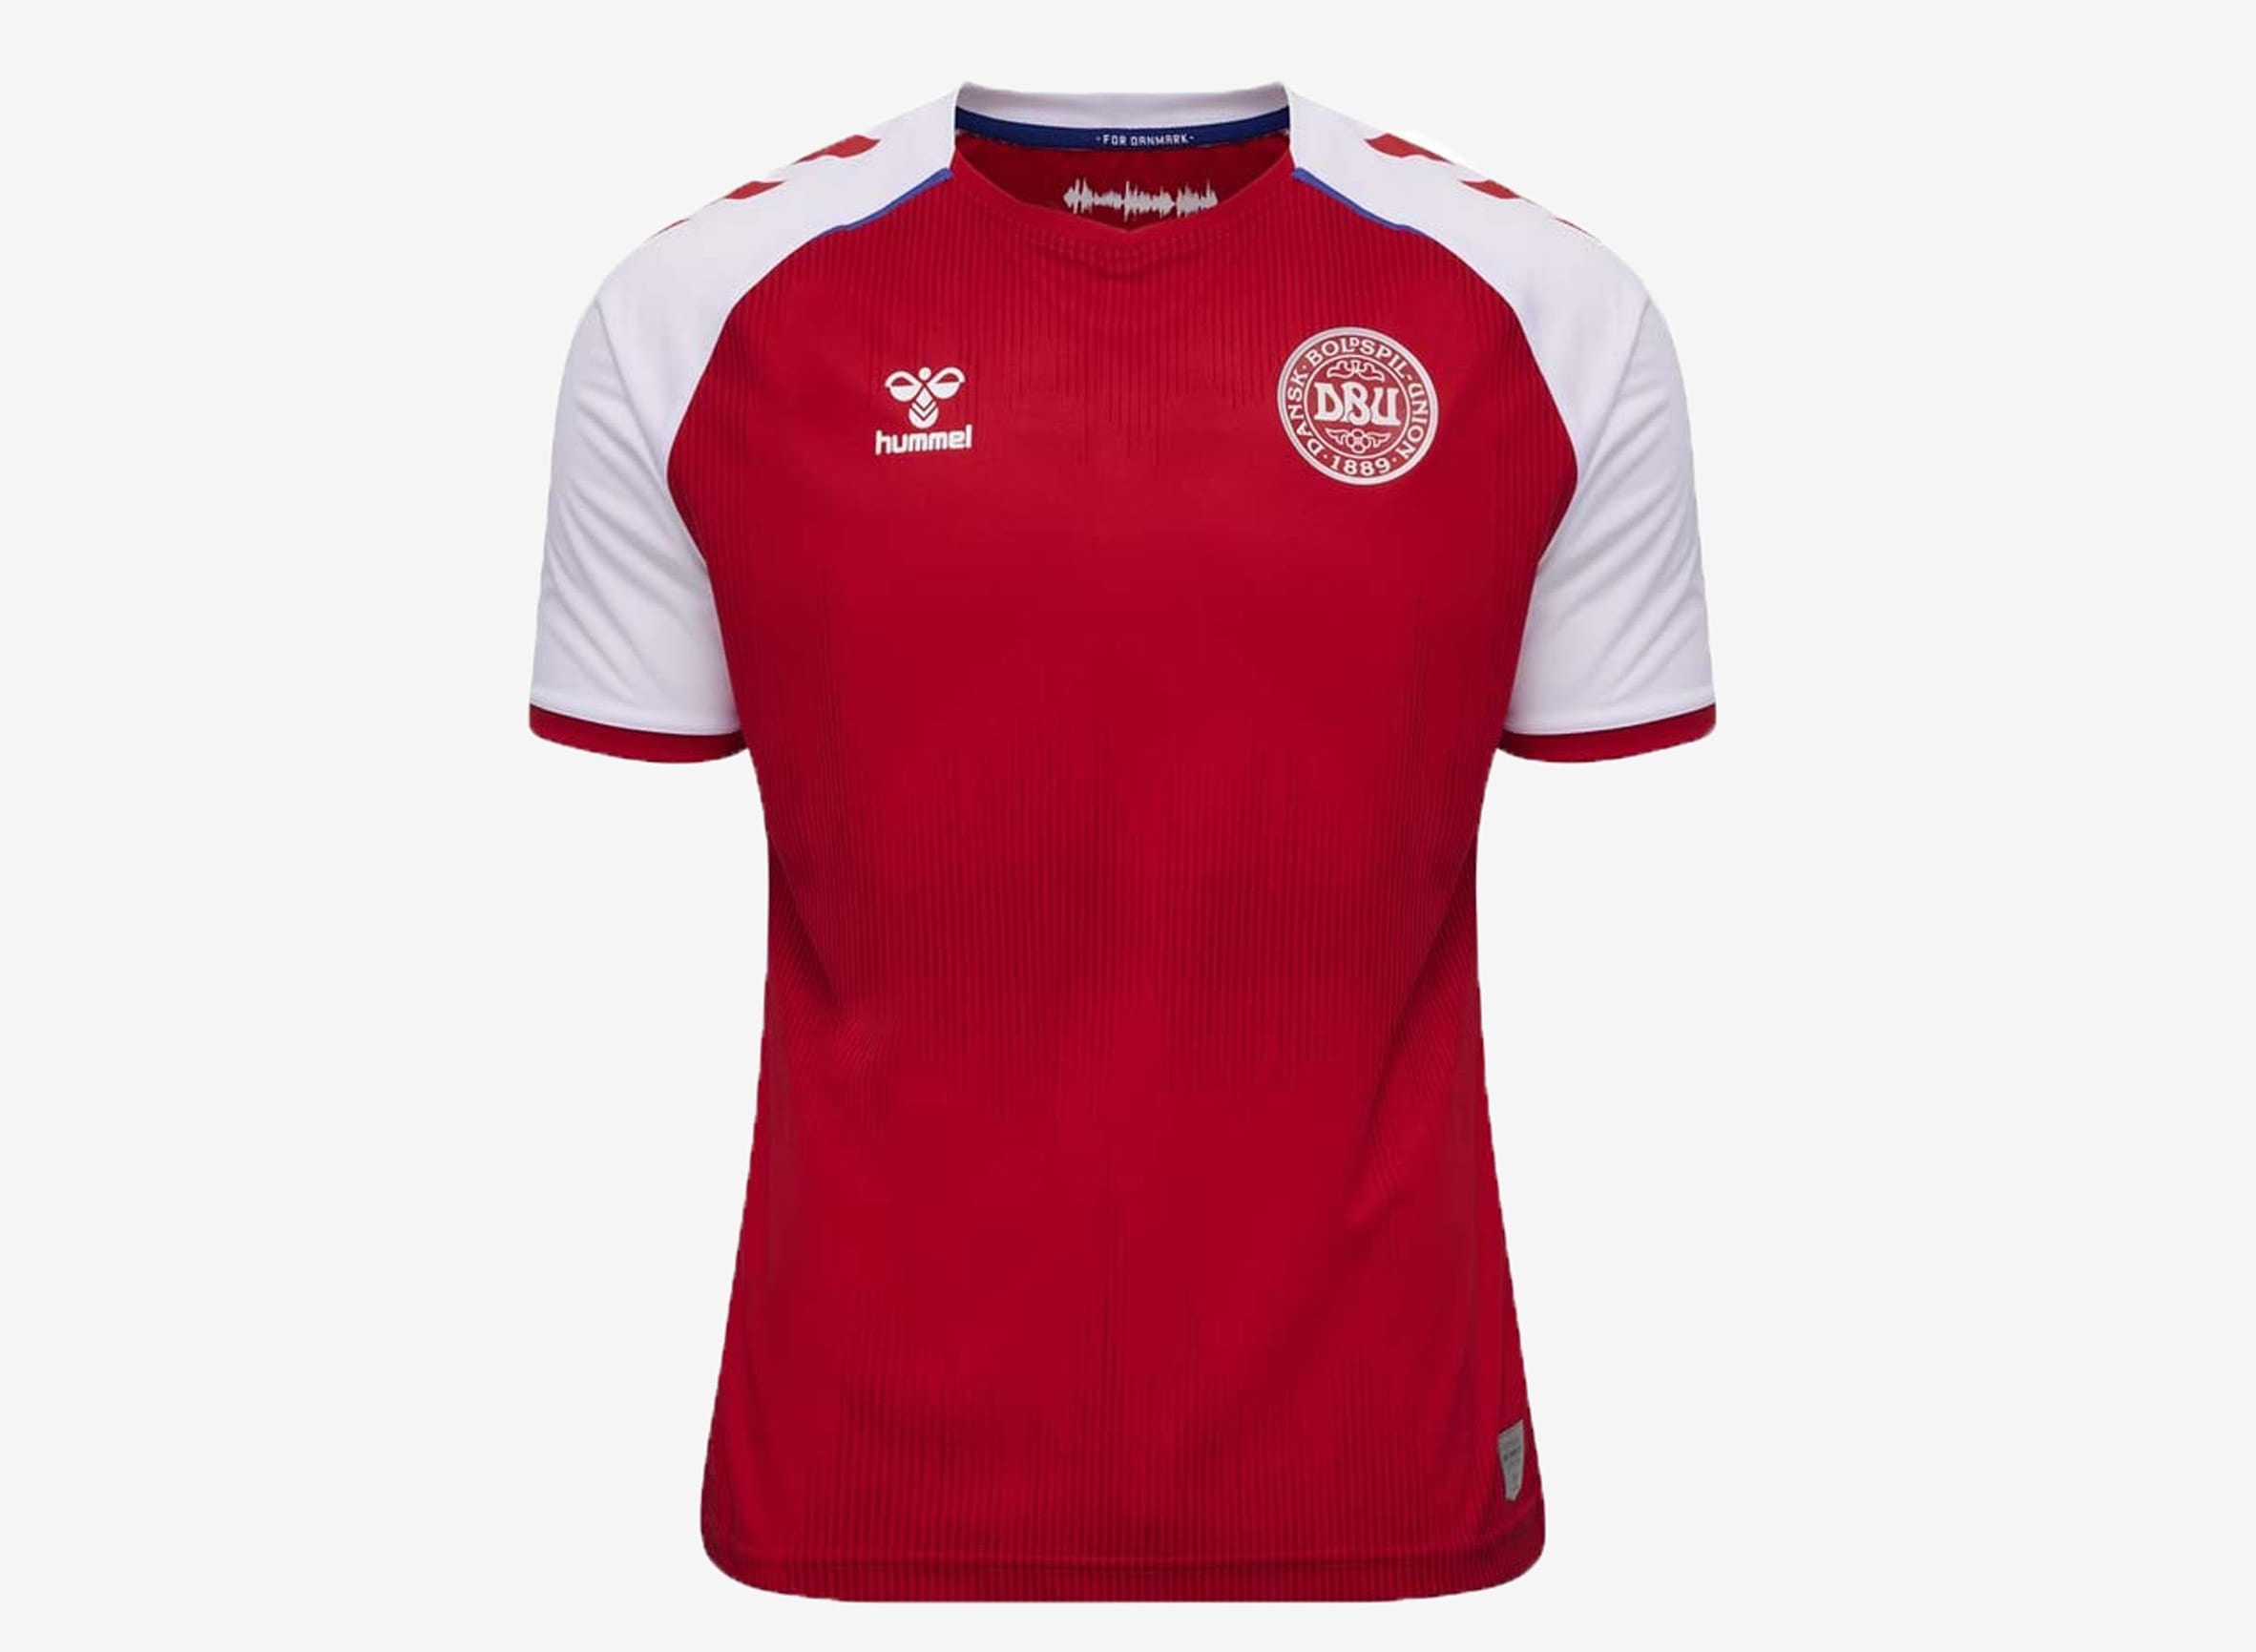 Denmark shirt by Hummel